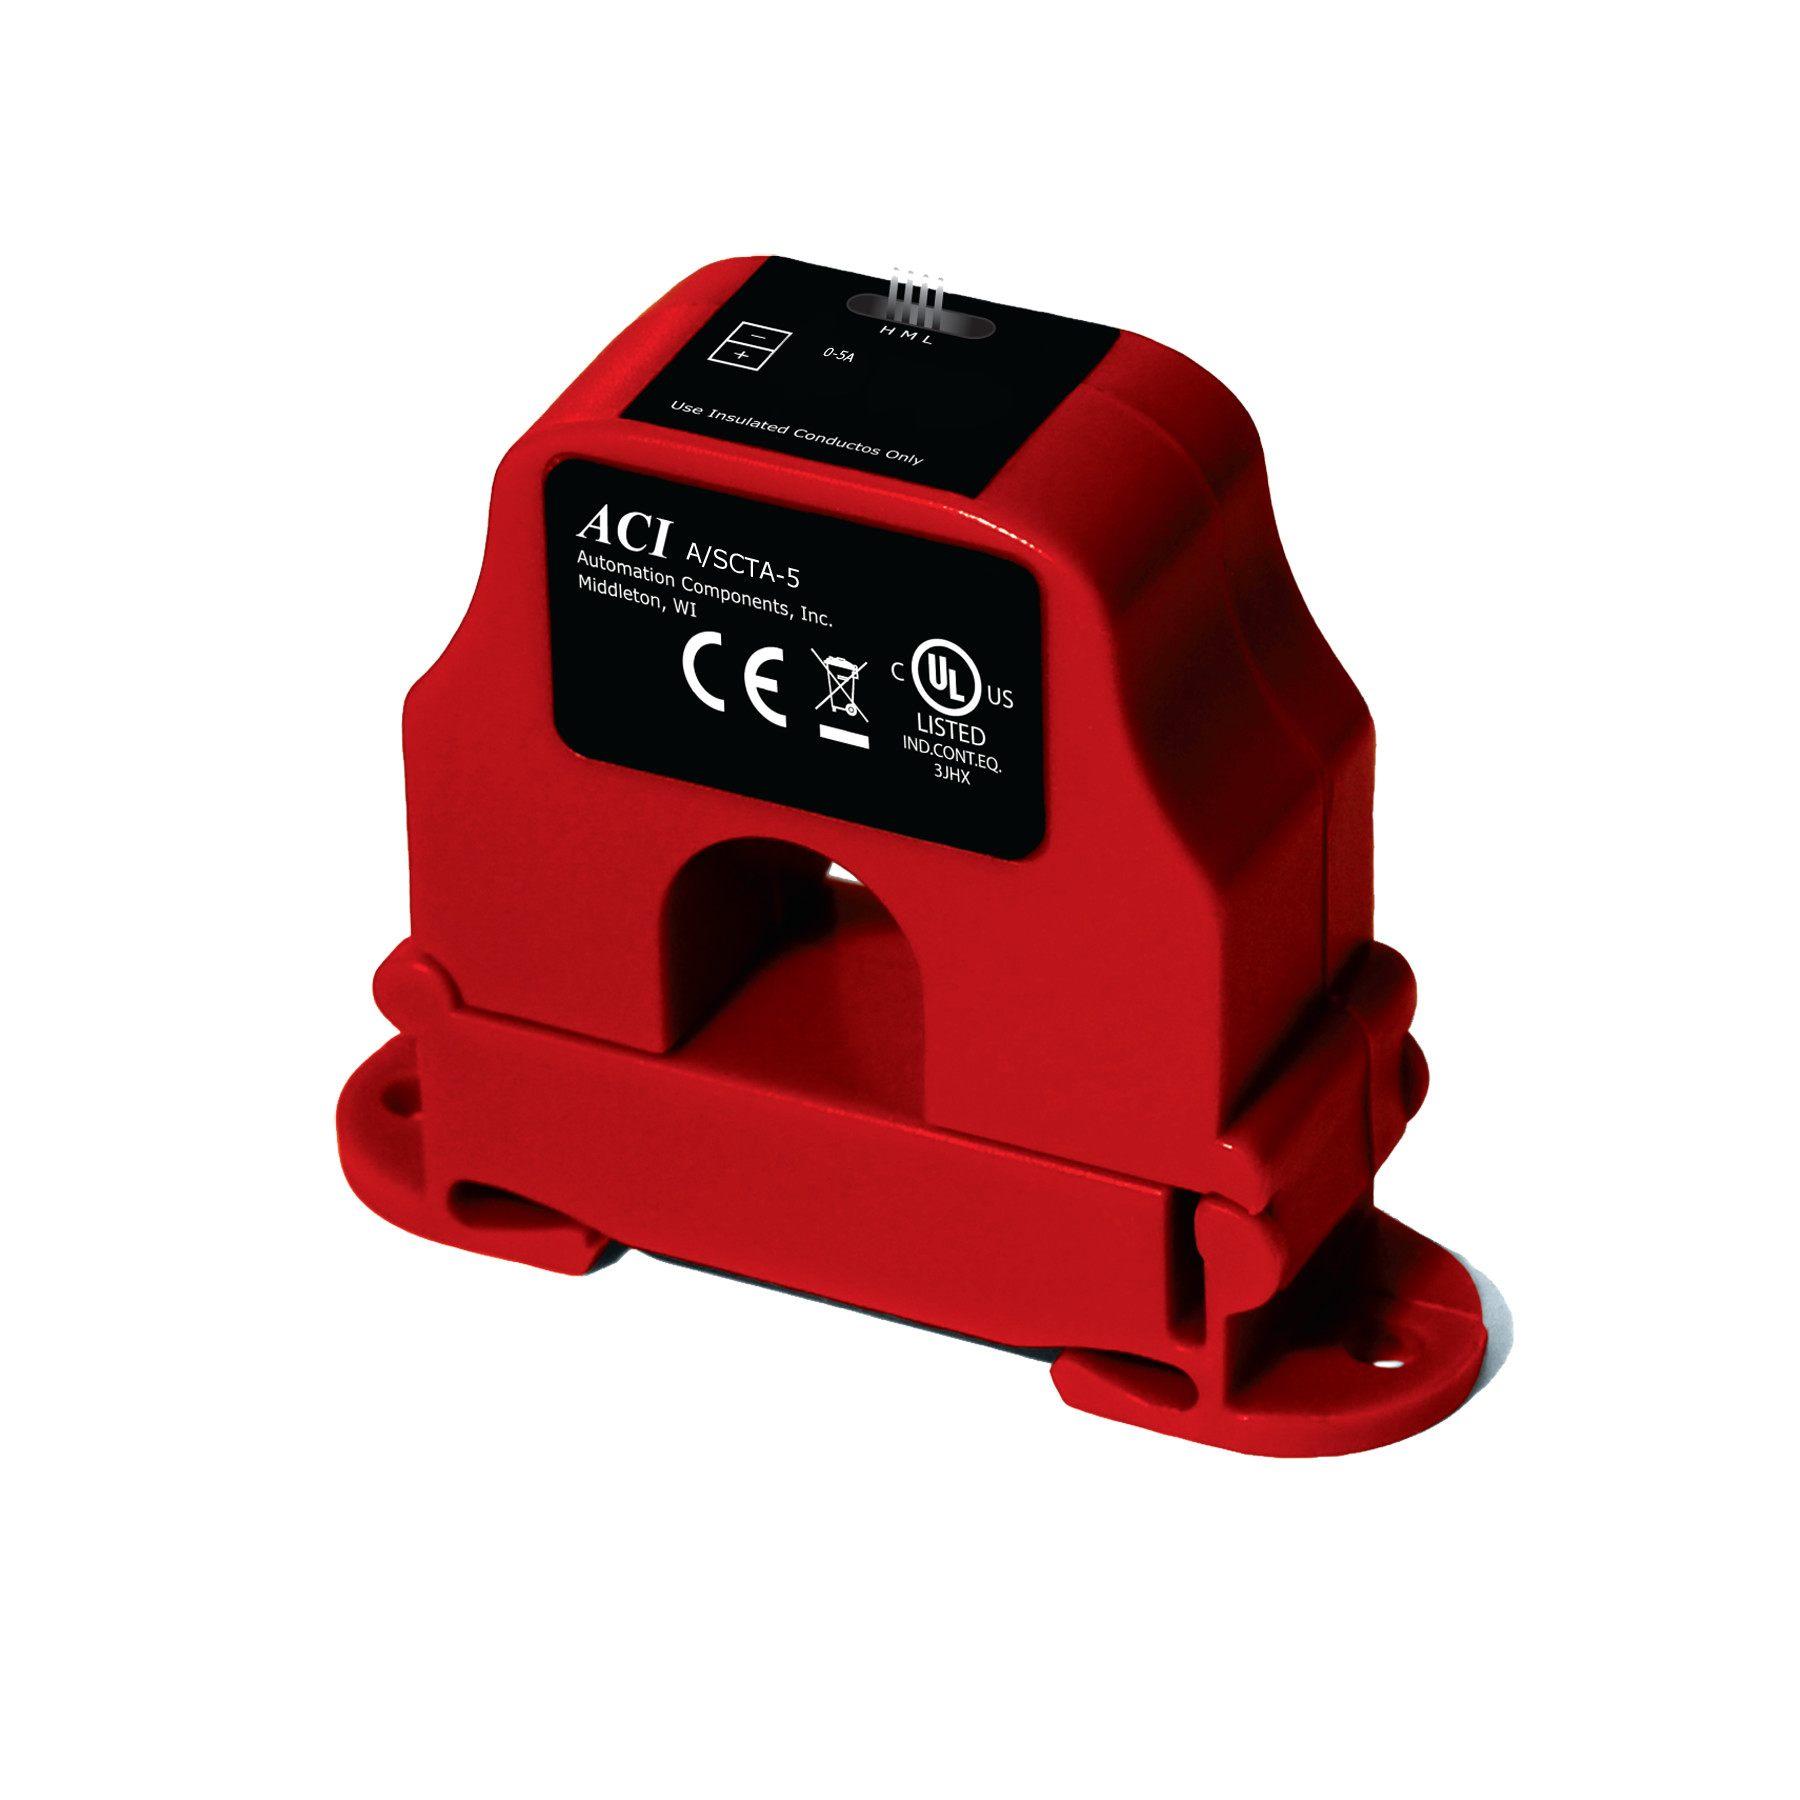 ACI A/SCTA Series A/SCTA-5-VFD Current Sensor